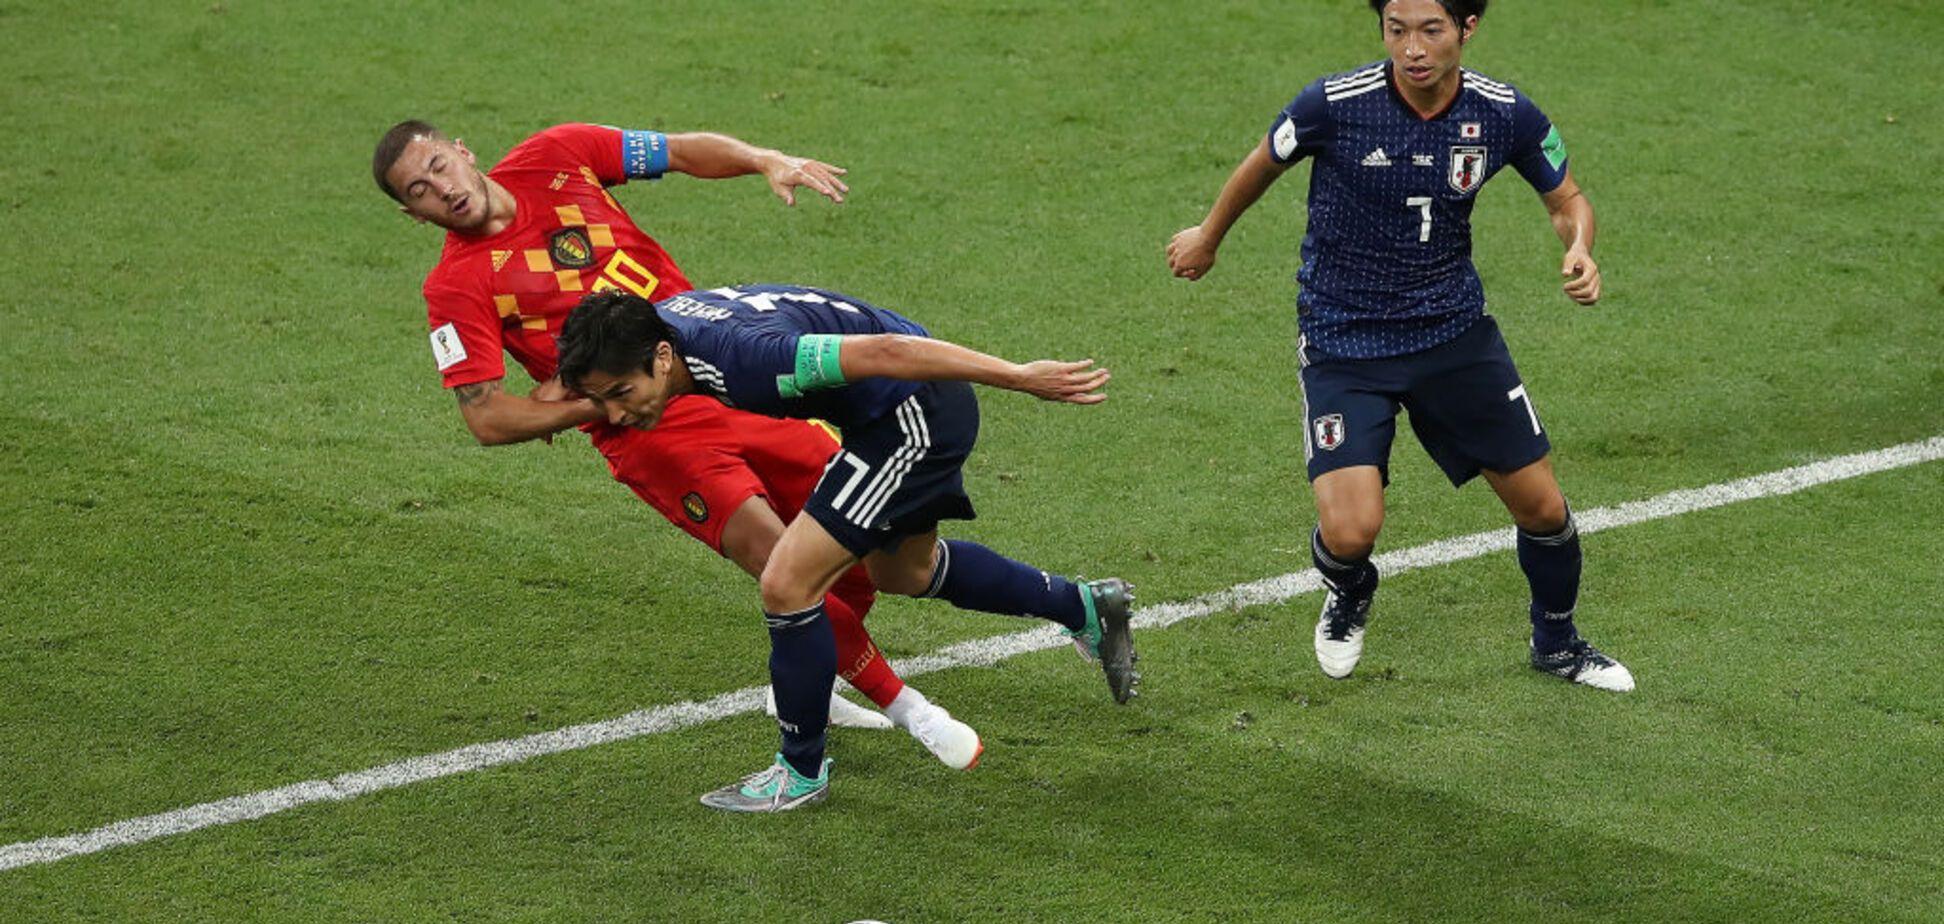 Бельгия в матче-триллере вышла в четвертьфинал ЧМ-2018